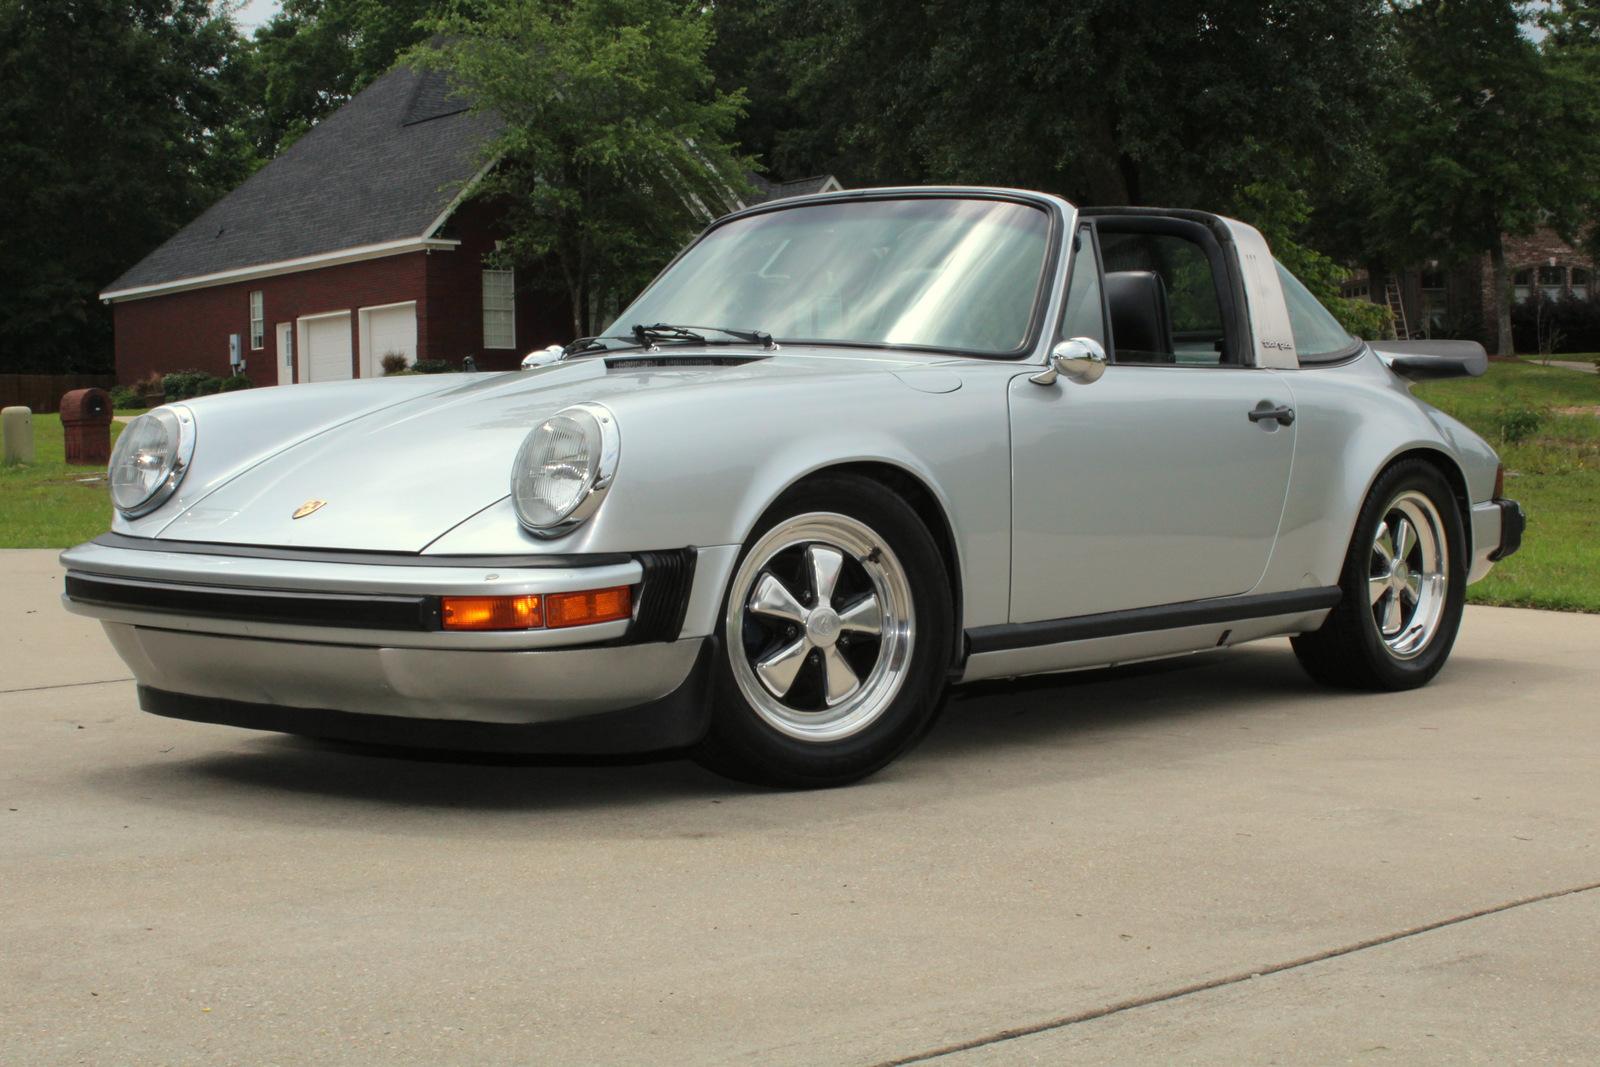 Porsche 911 Targa 2 2 S 180 Hp